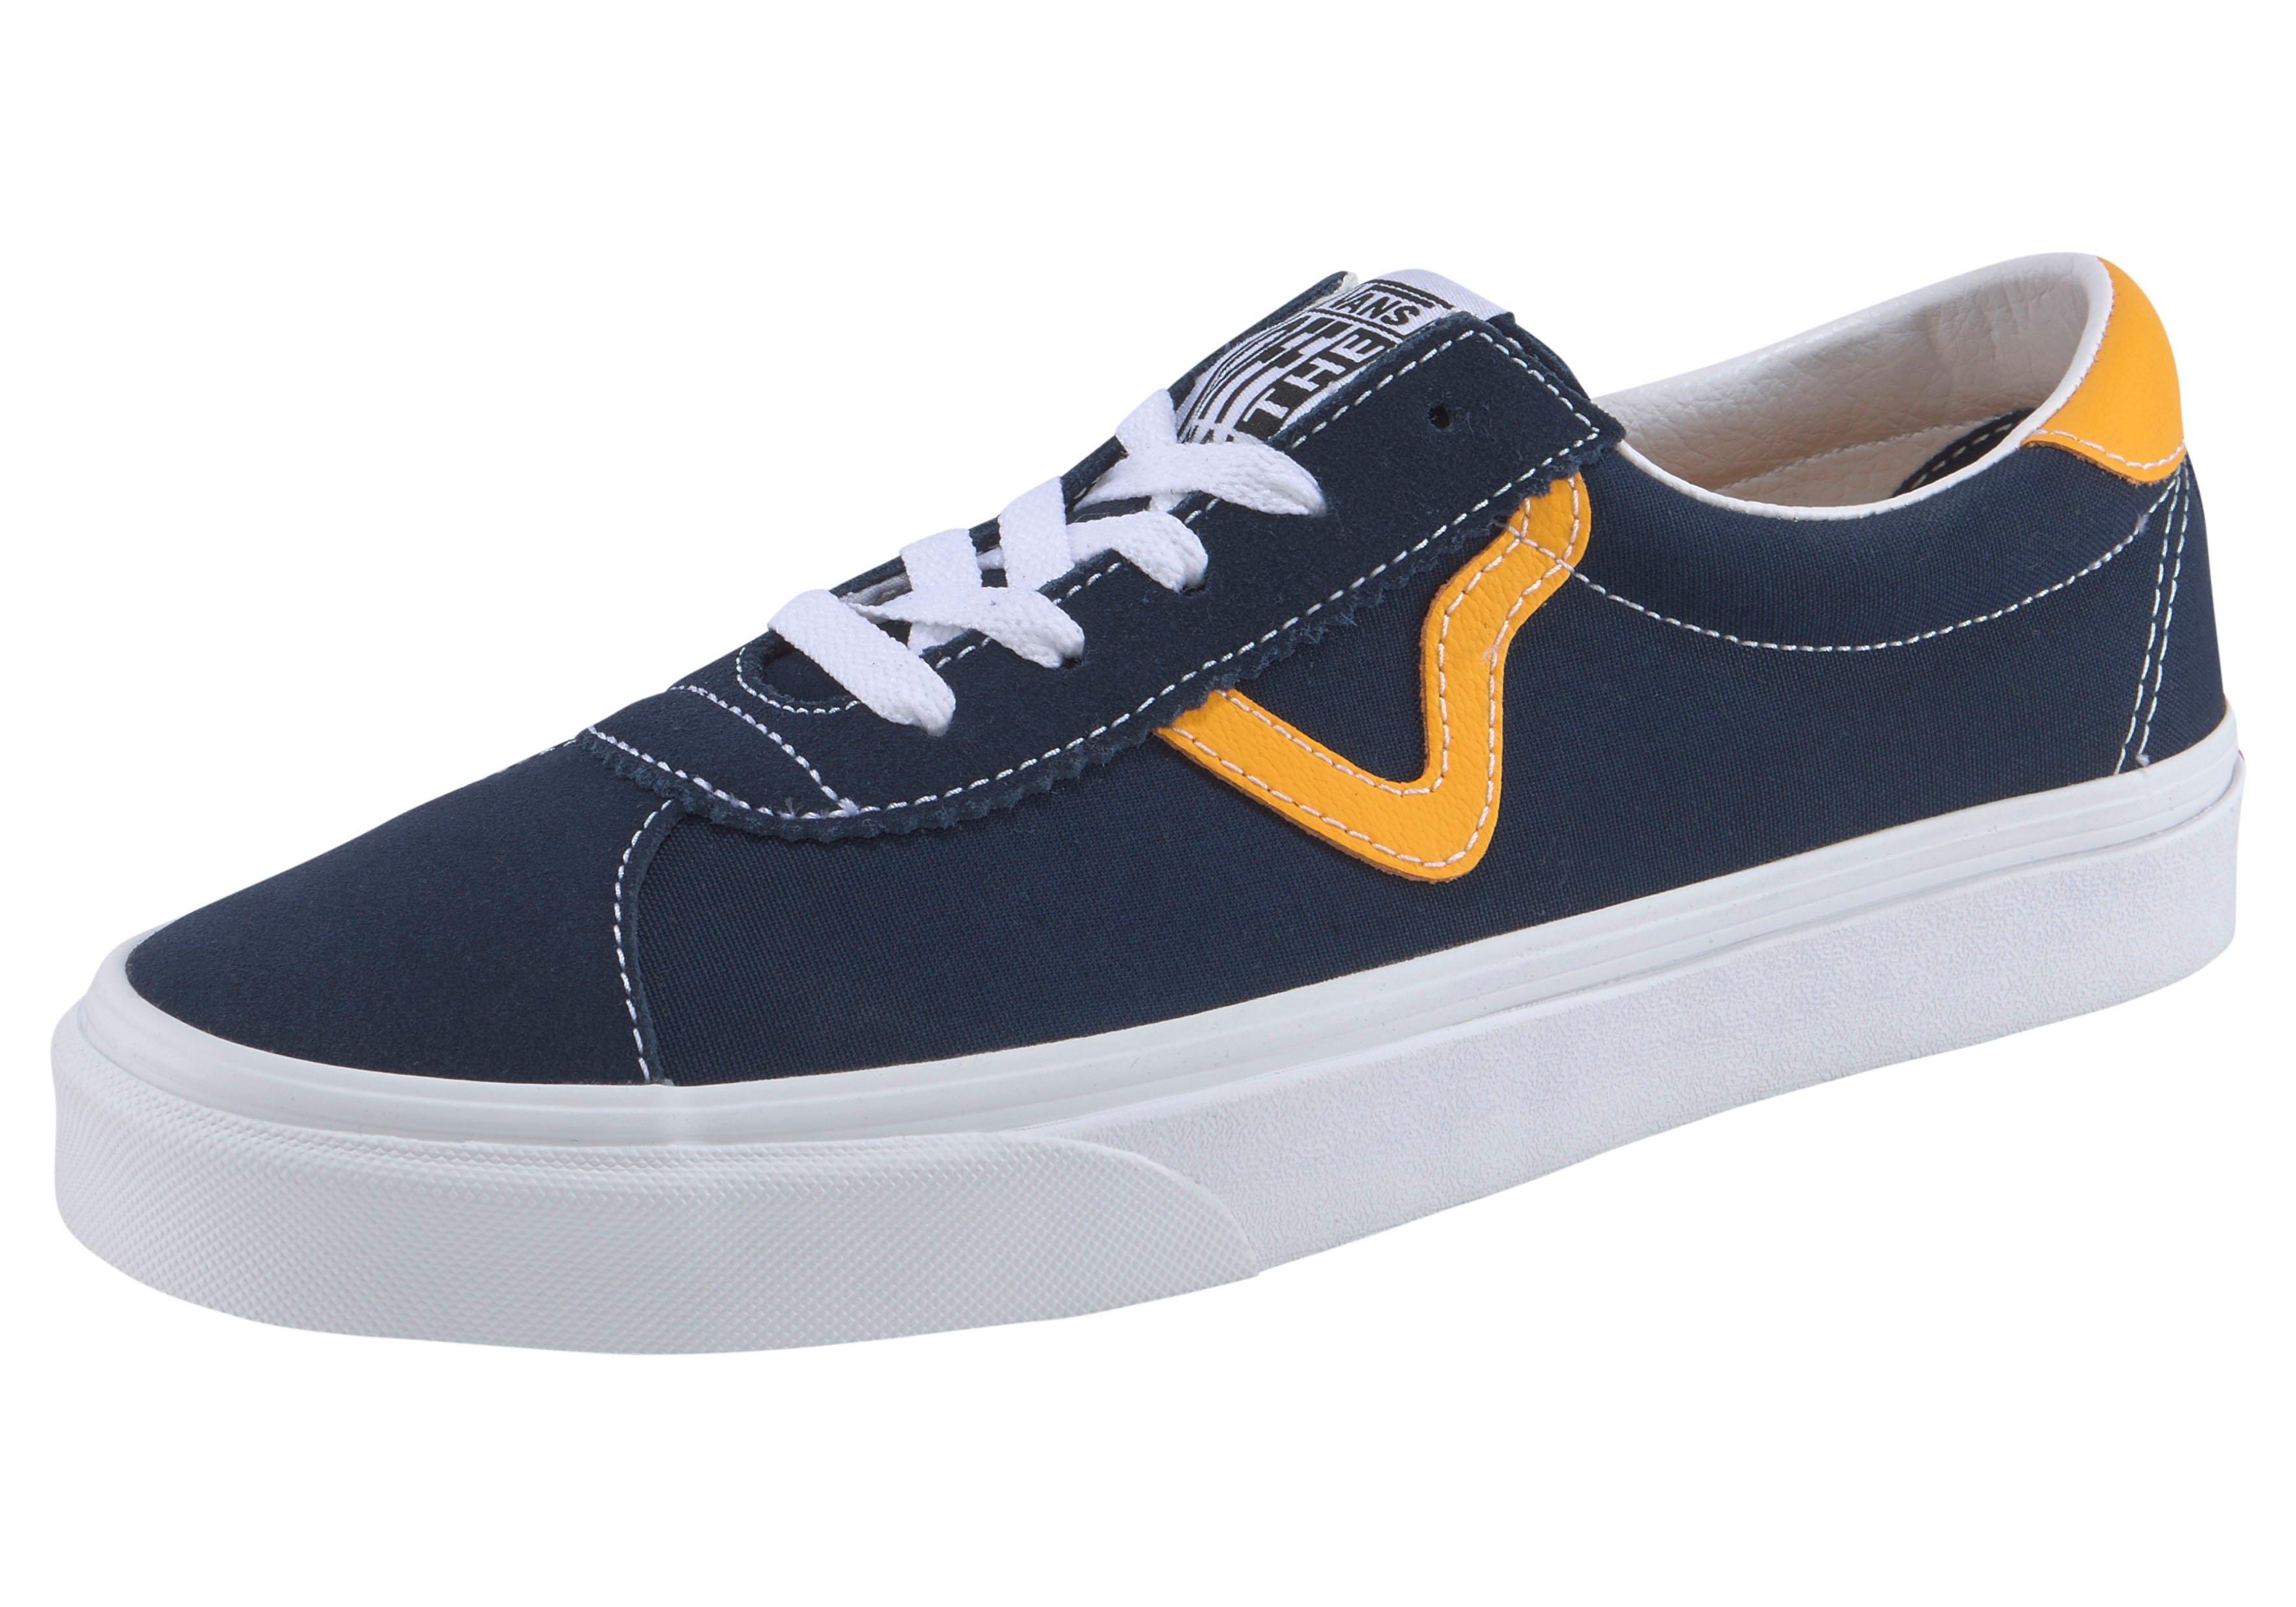 Vans sneakers Vans Sport - gratis ruilen op otto.nl